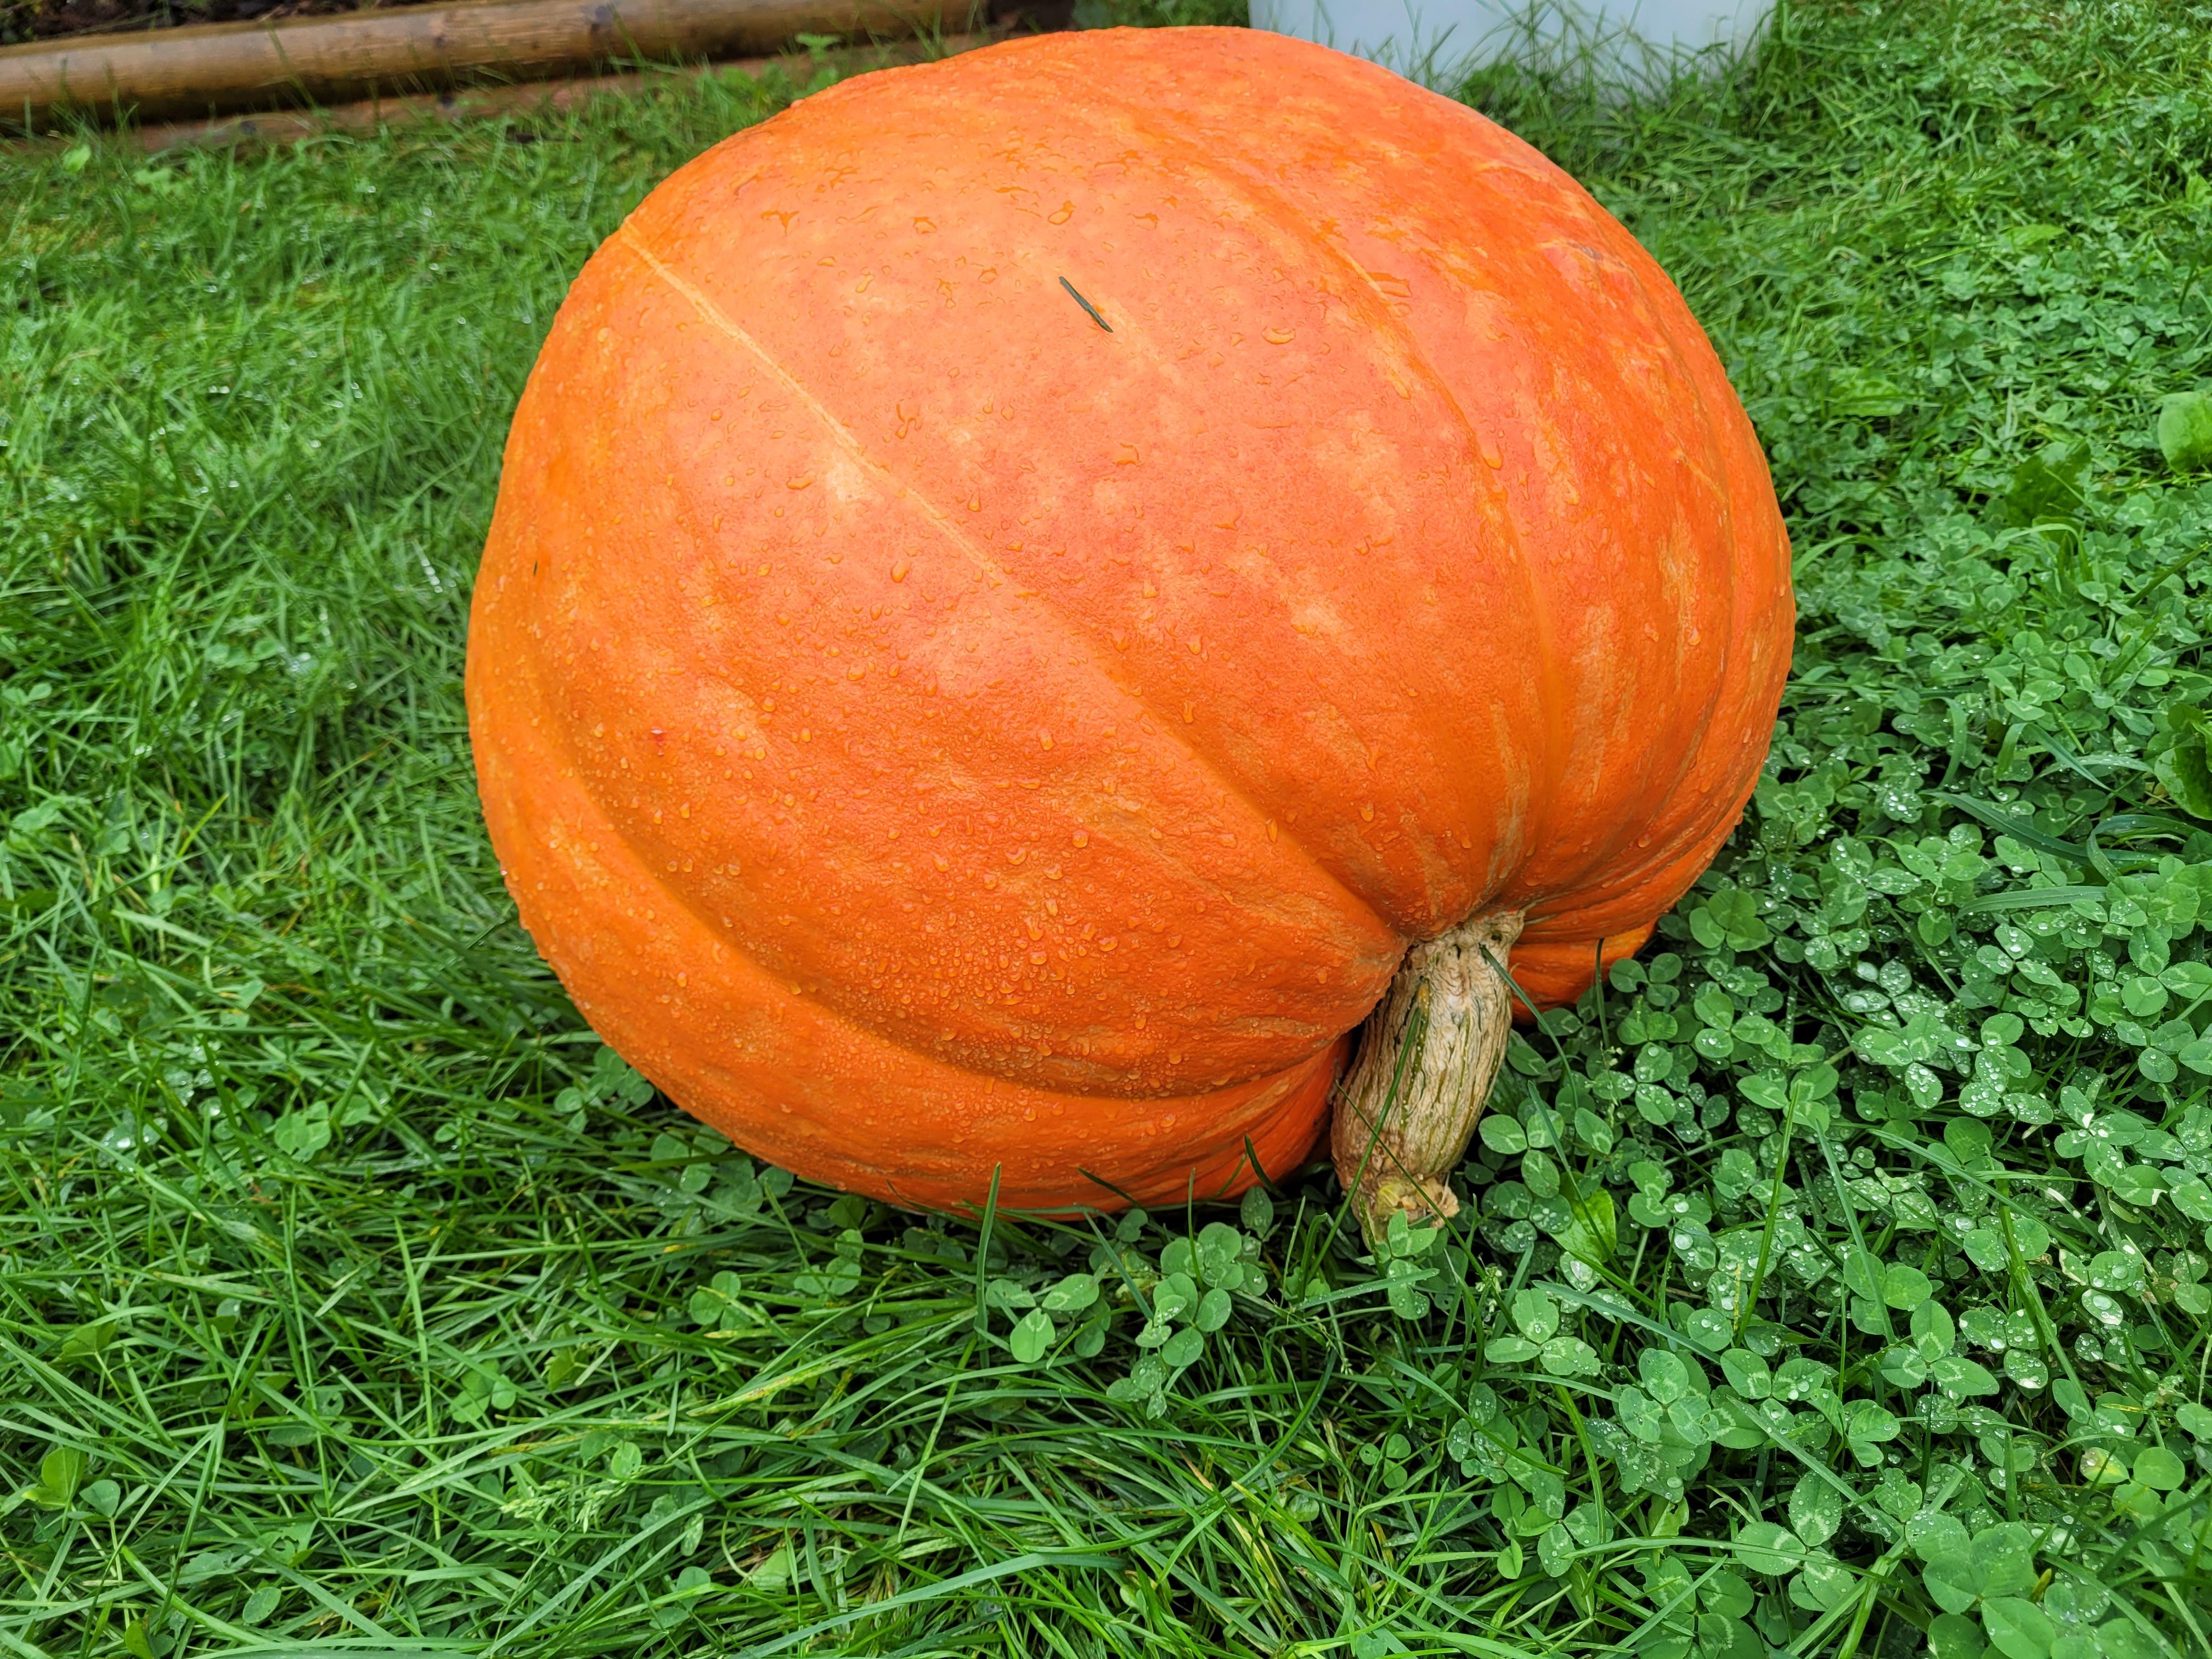 Farm Happenings forthe week of September 28, 2021